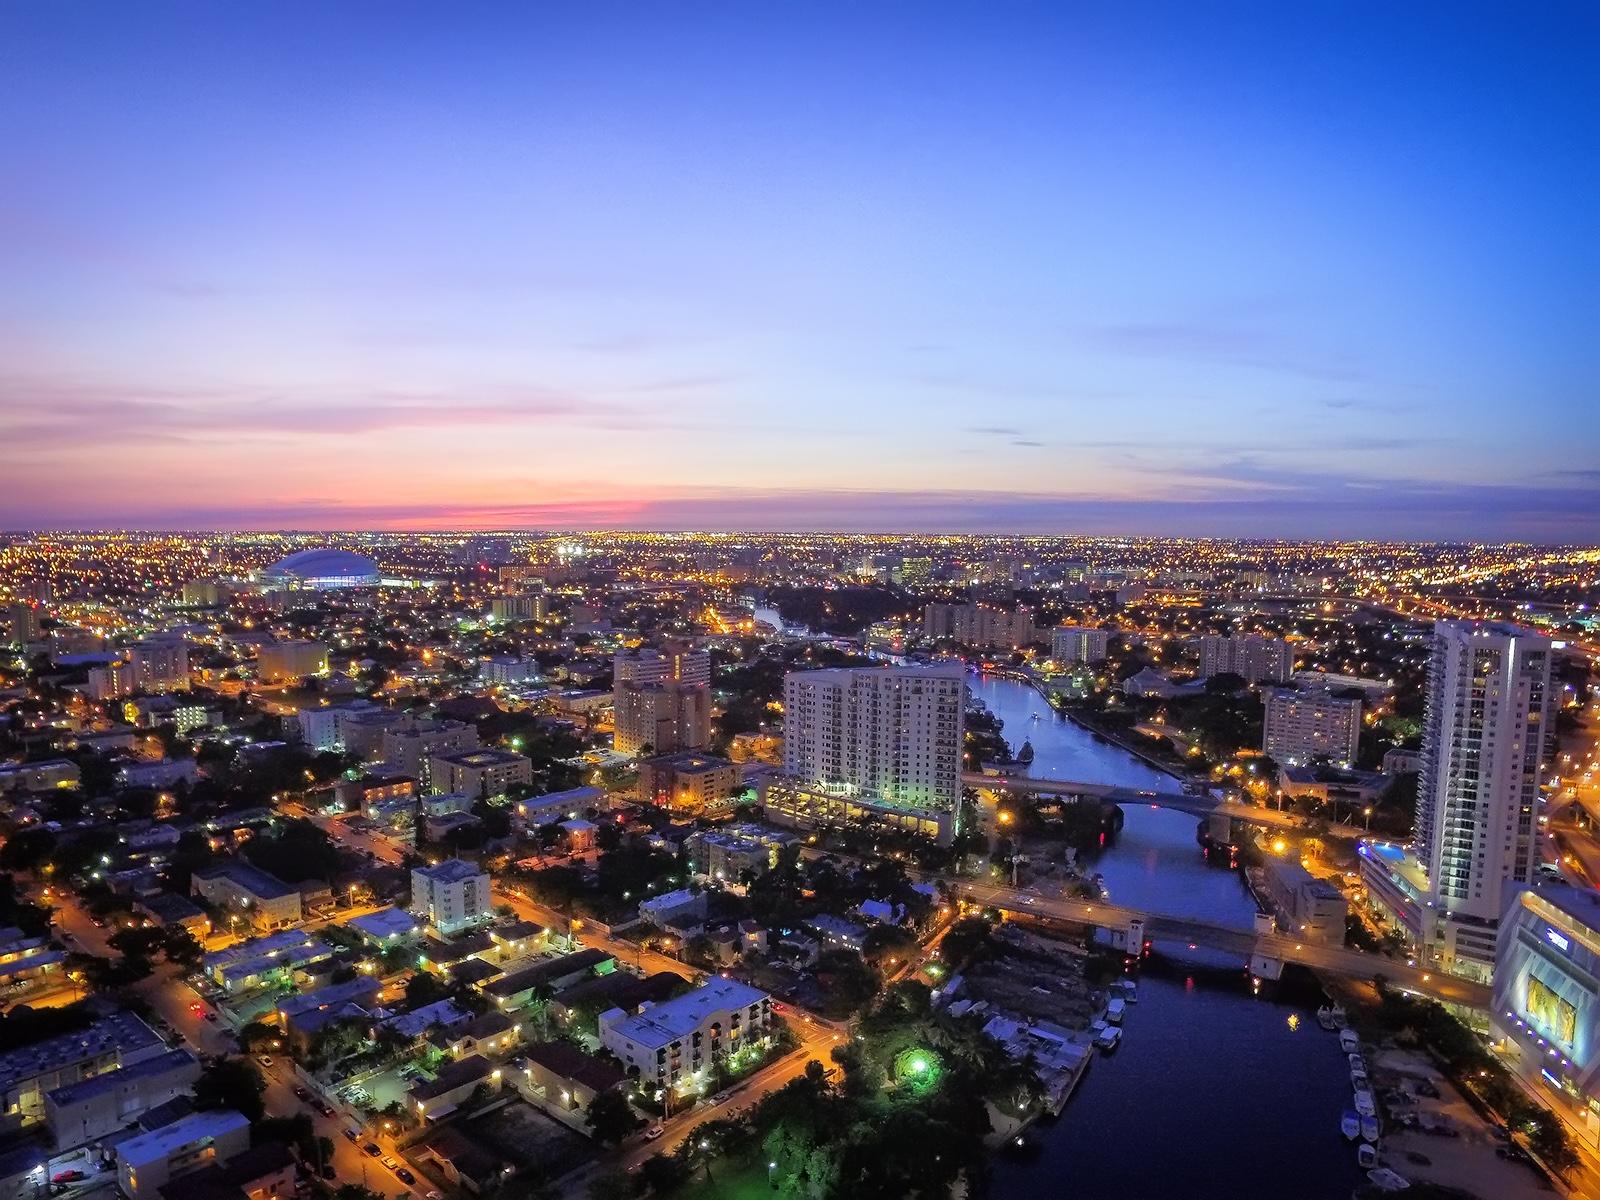 Evening, East Little Havana, FL